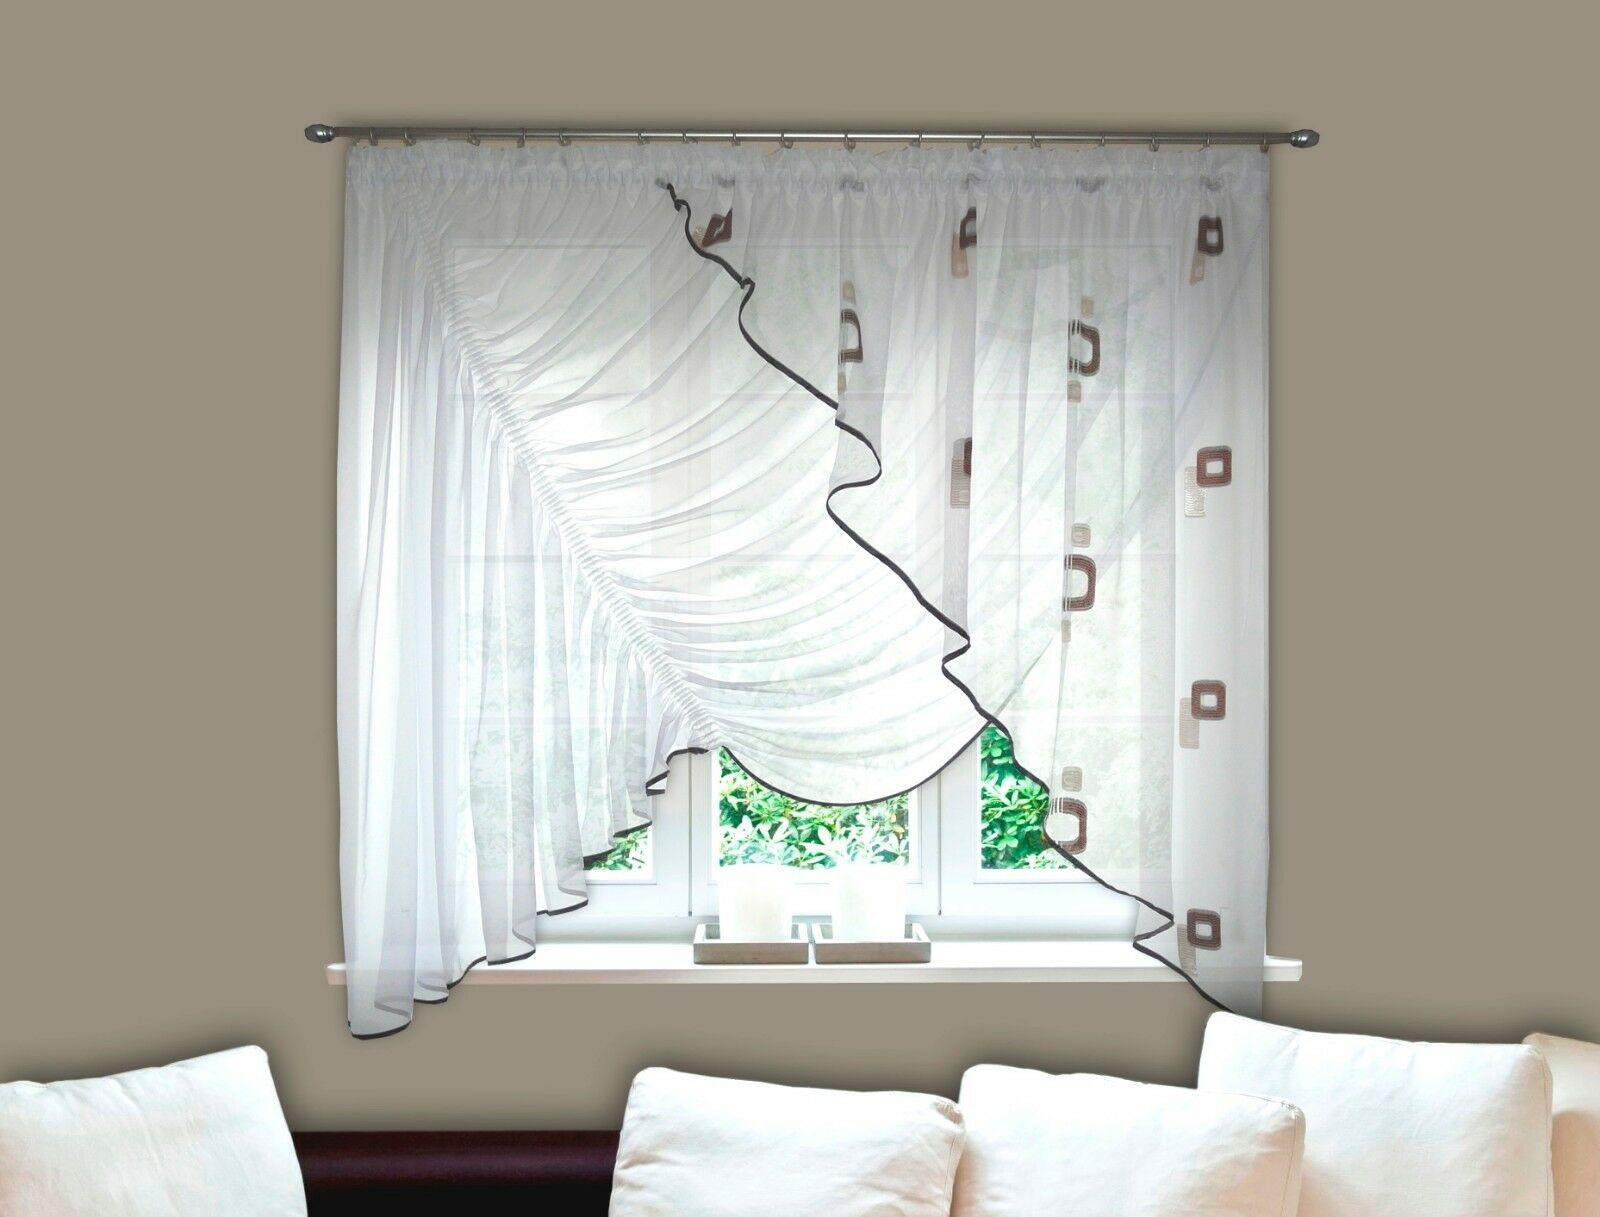 Full Size of Gardinen Wohnzimmer Kurz Modern Wandbild Vorhänge Indirekte Beleuchtung Tapete Komplett Deckenstrahler Hängeleuchte Led Deckenleuchte Heizkörper Stehlampe Wohnzimmer Gardinen Wohnzimmer Kurz Modern